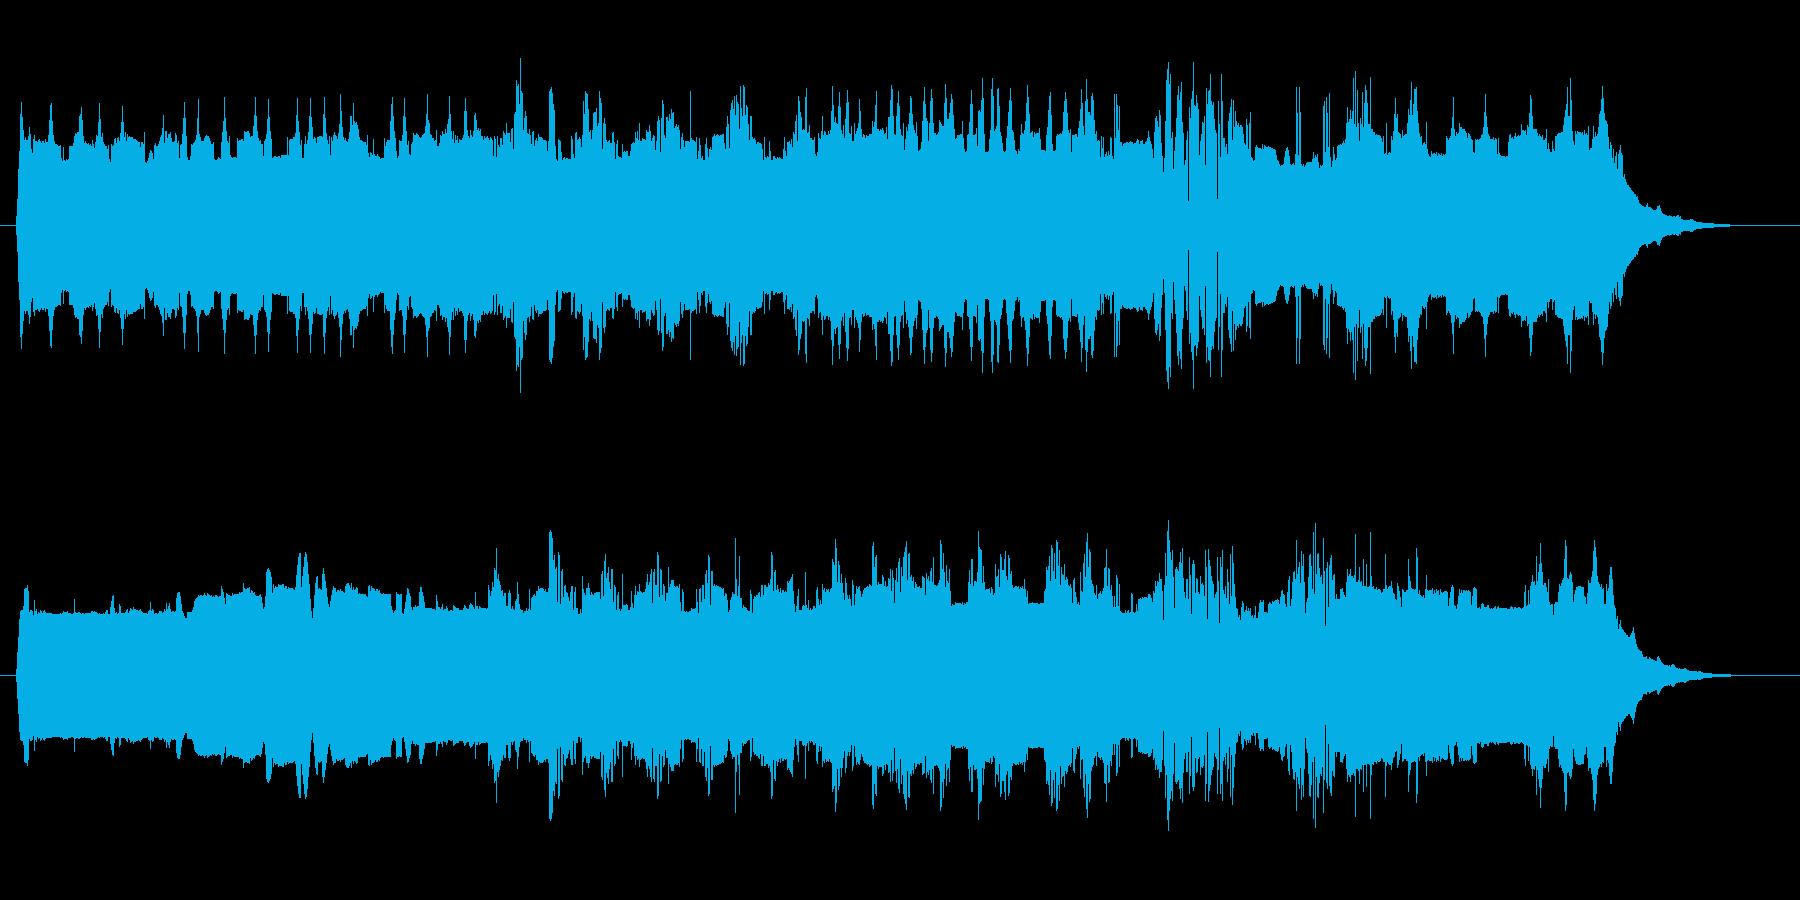 宇宙や近未来感のある音(通信、ロボット)の再生済みの波形